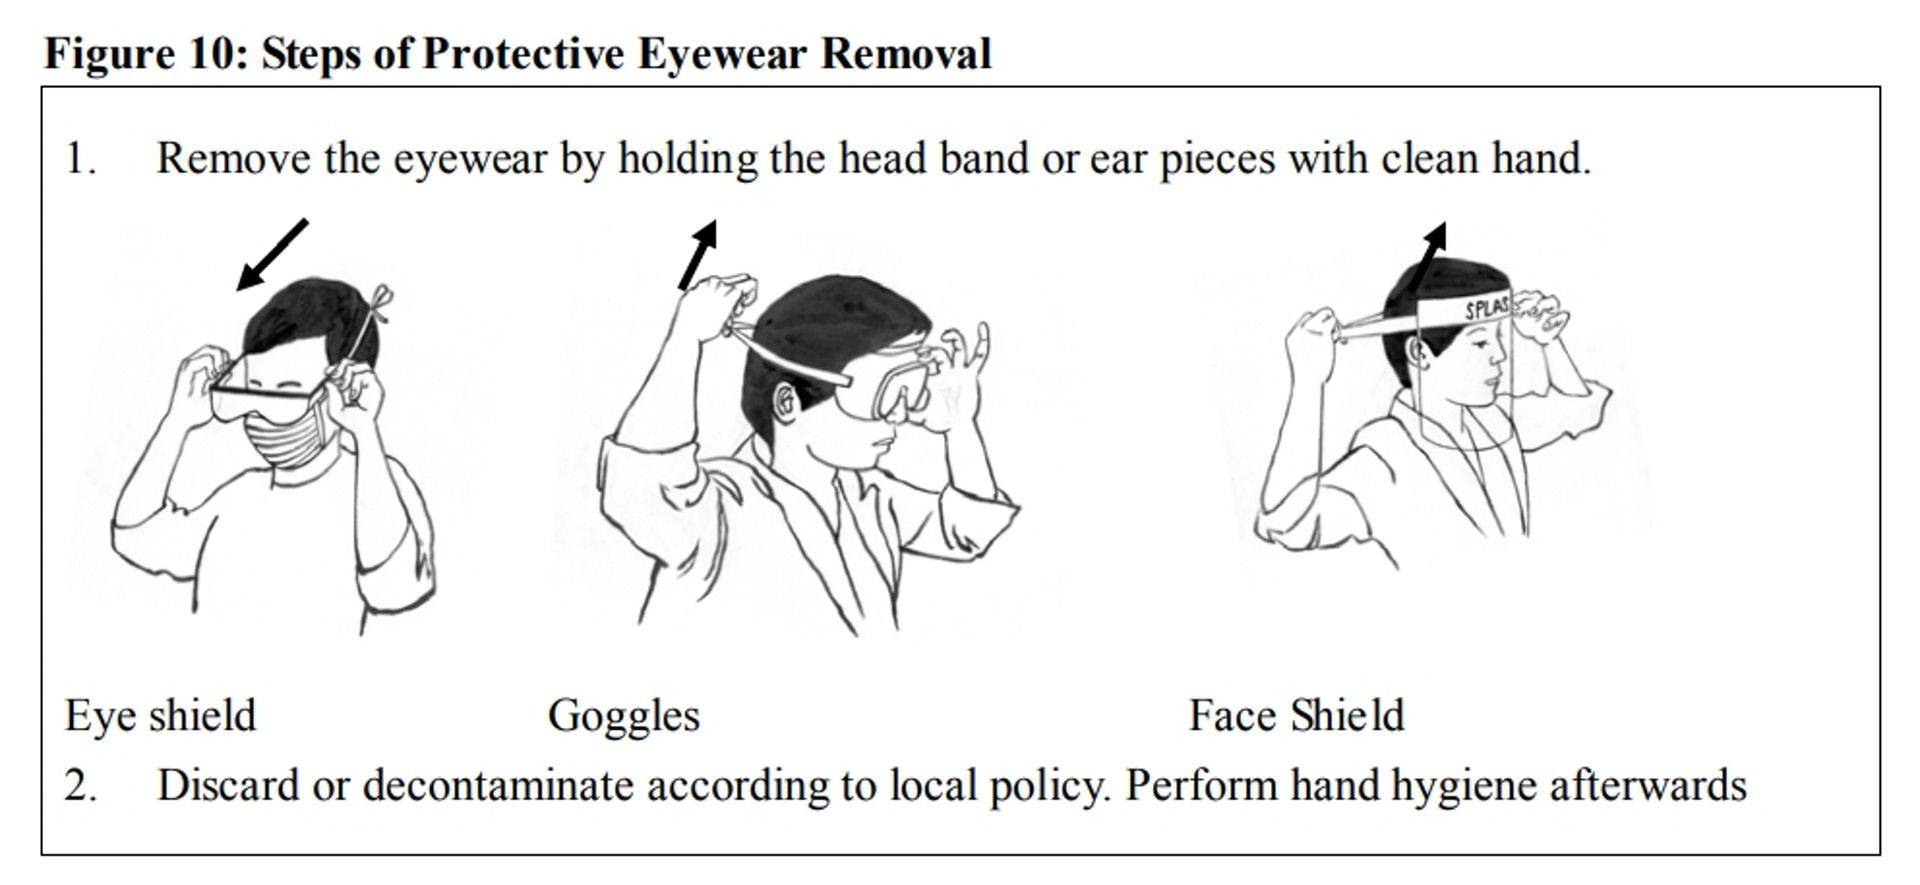 脫下眼罩及頭套步驟。(衞生署文件)